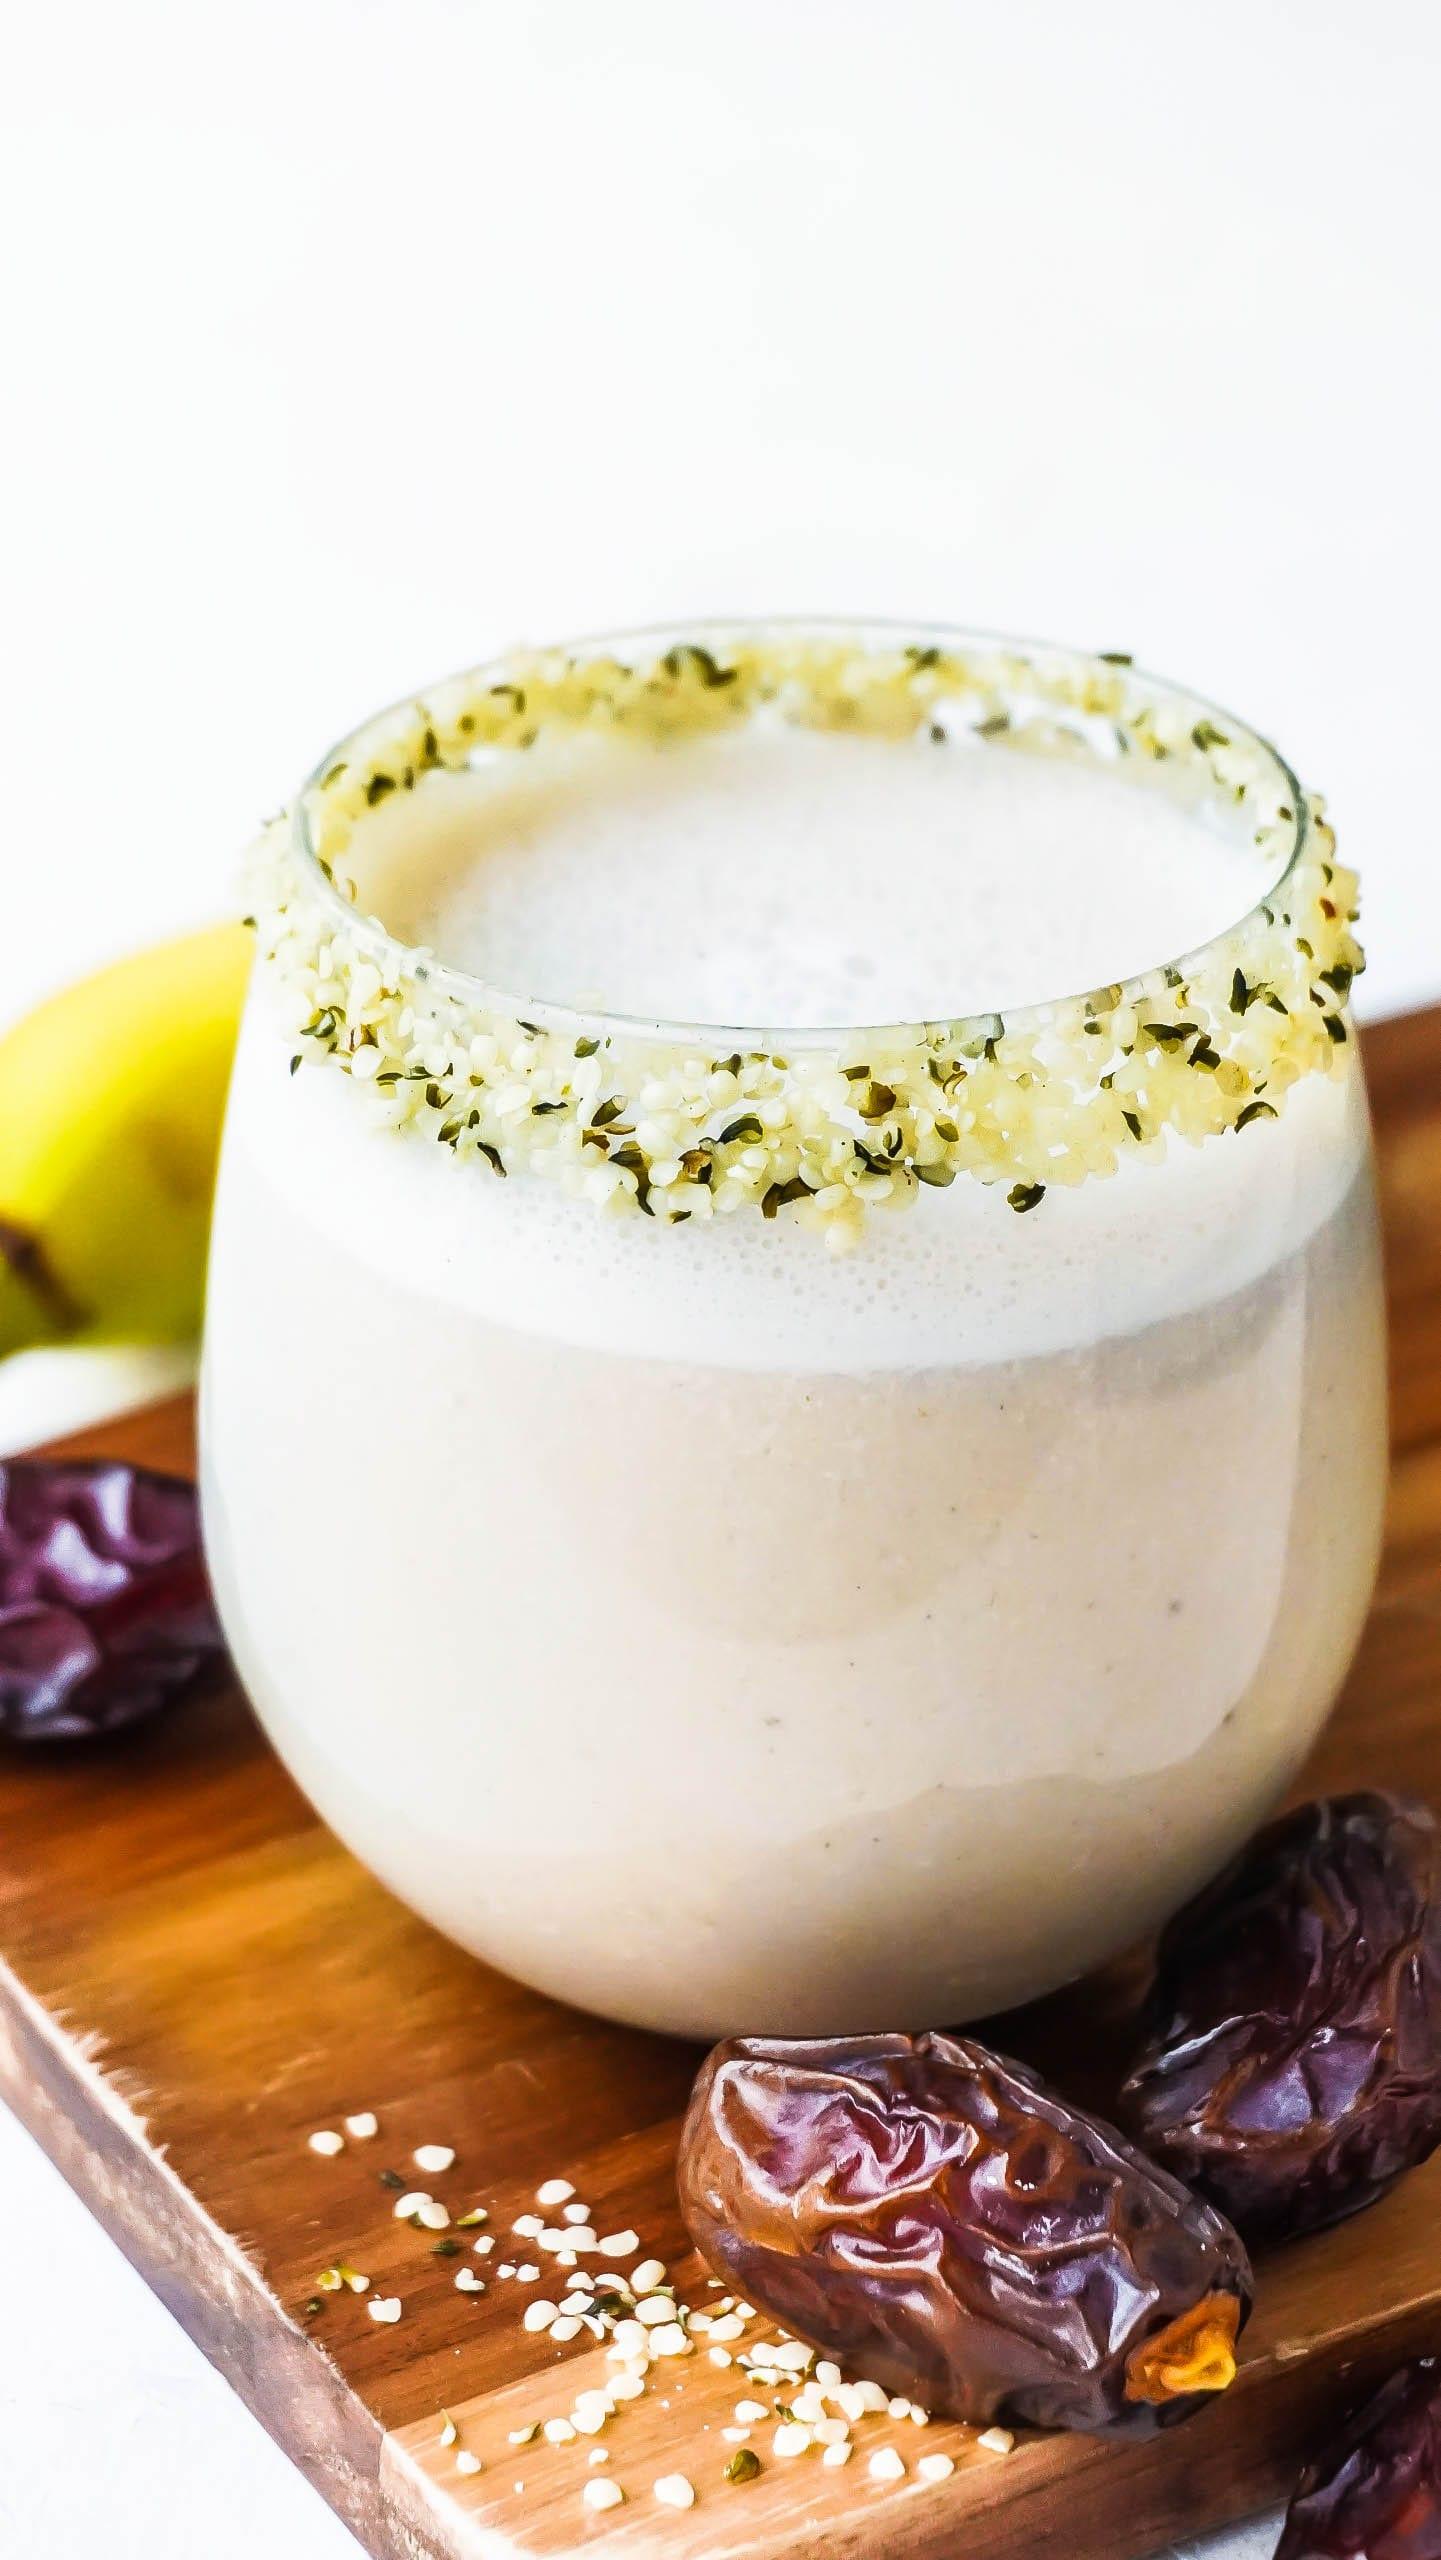 banana date shake recipe